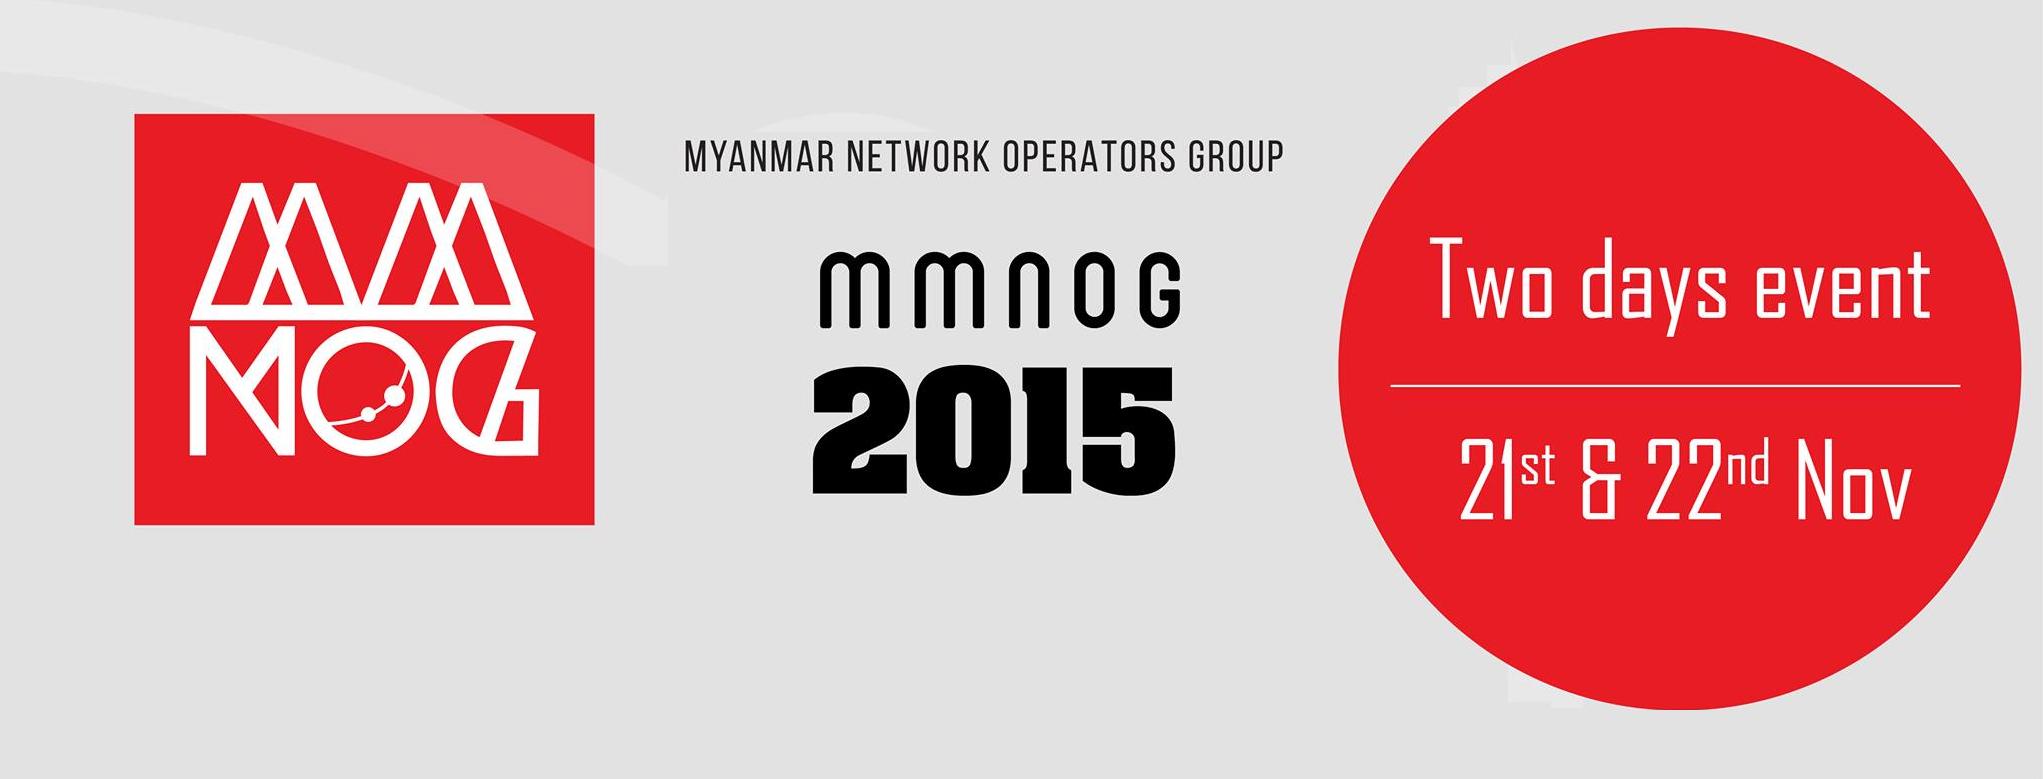 MMNOG 2015 Banner Image